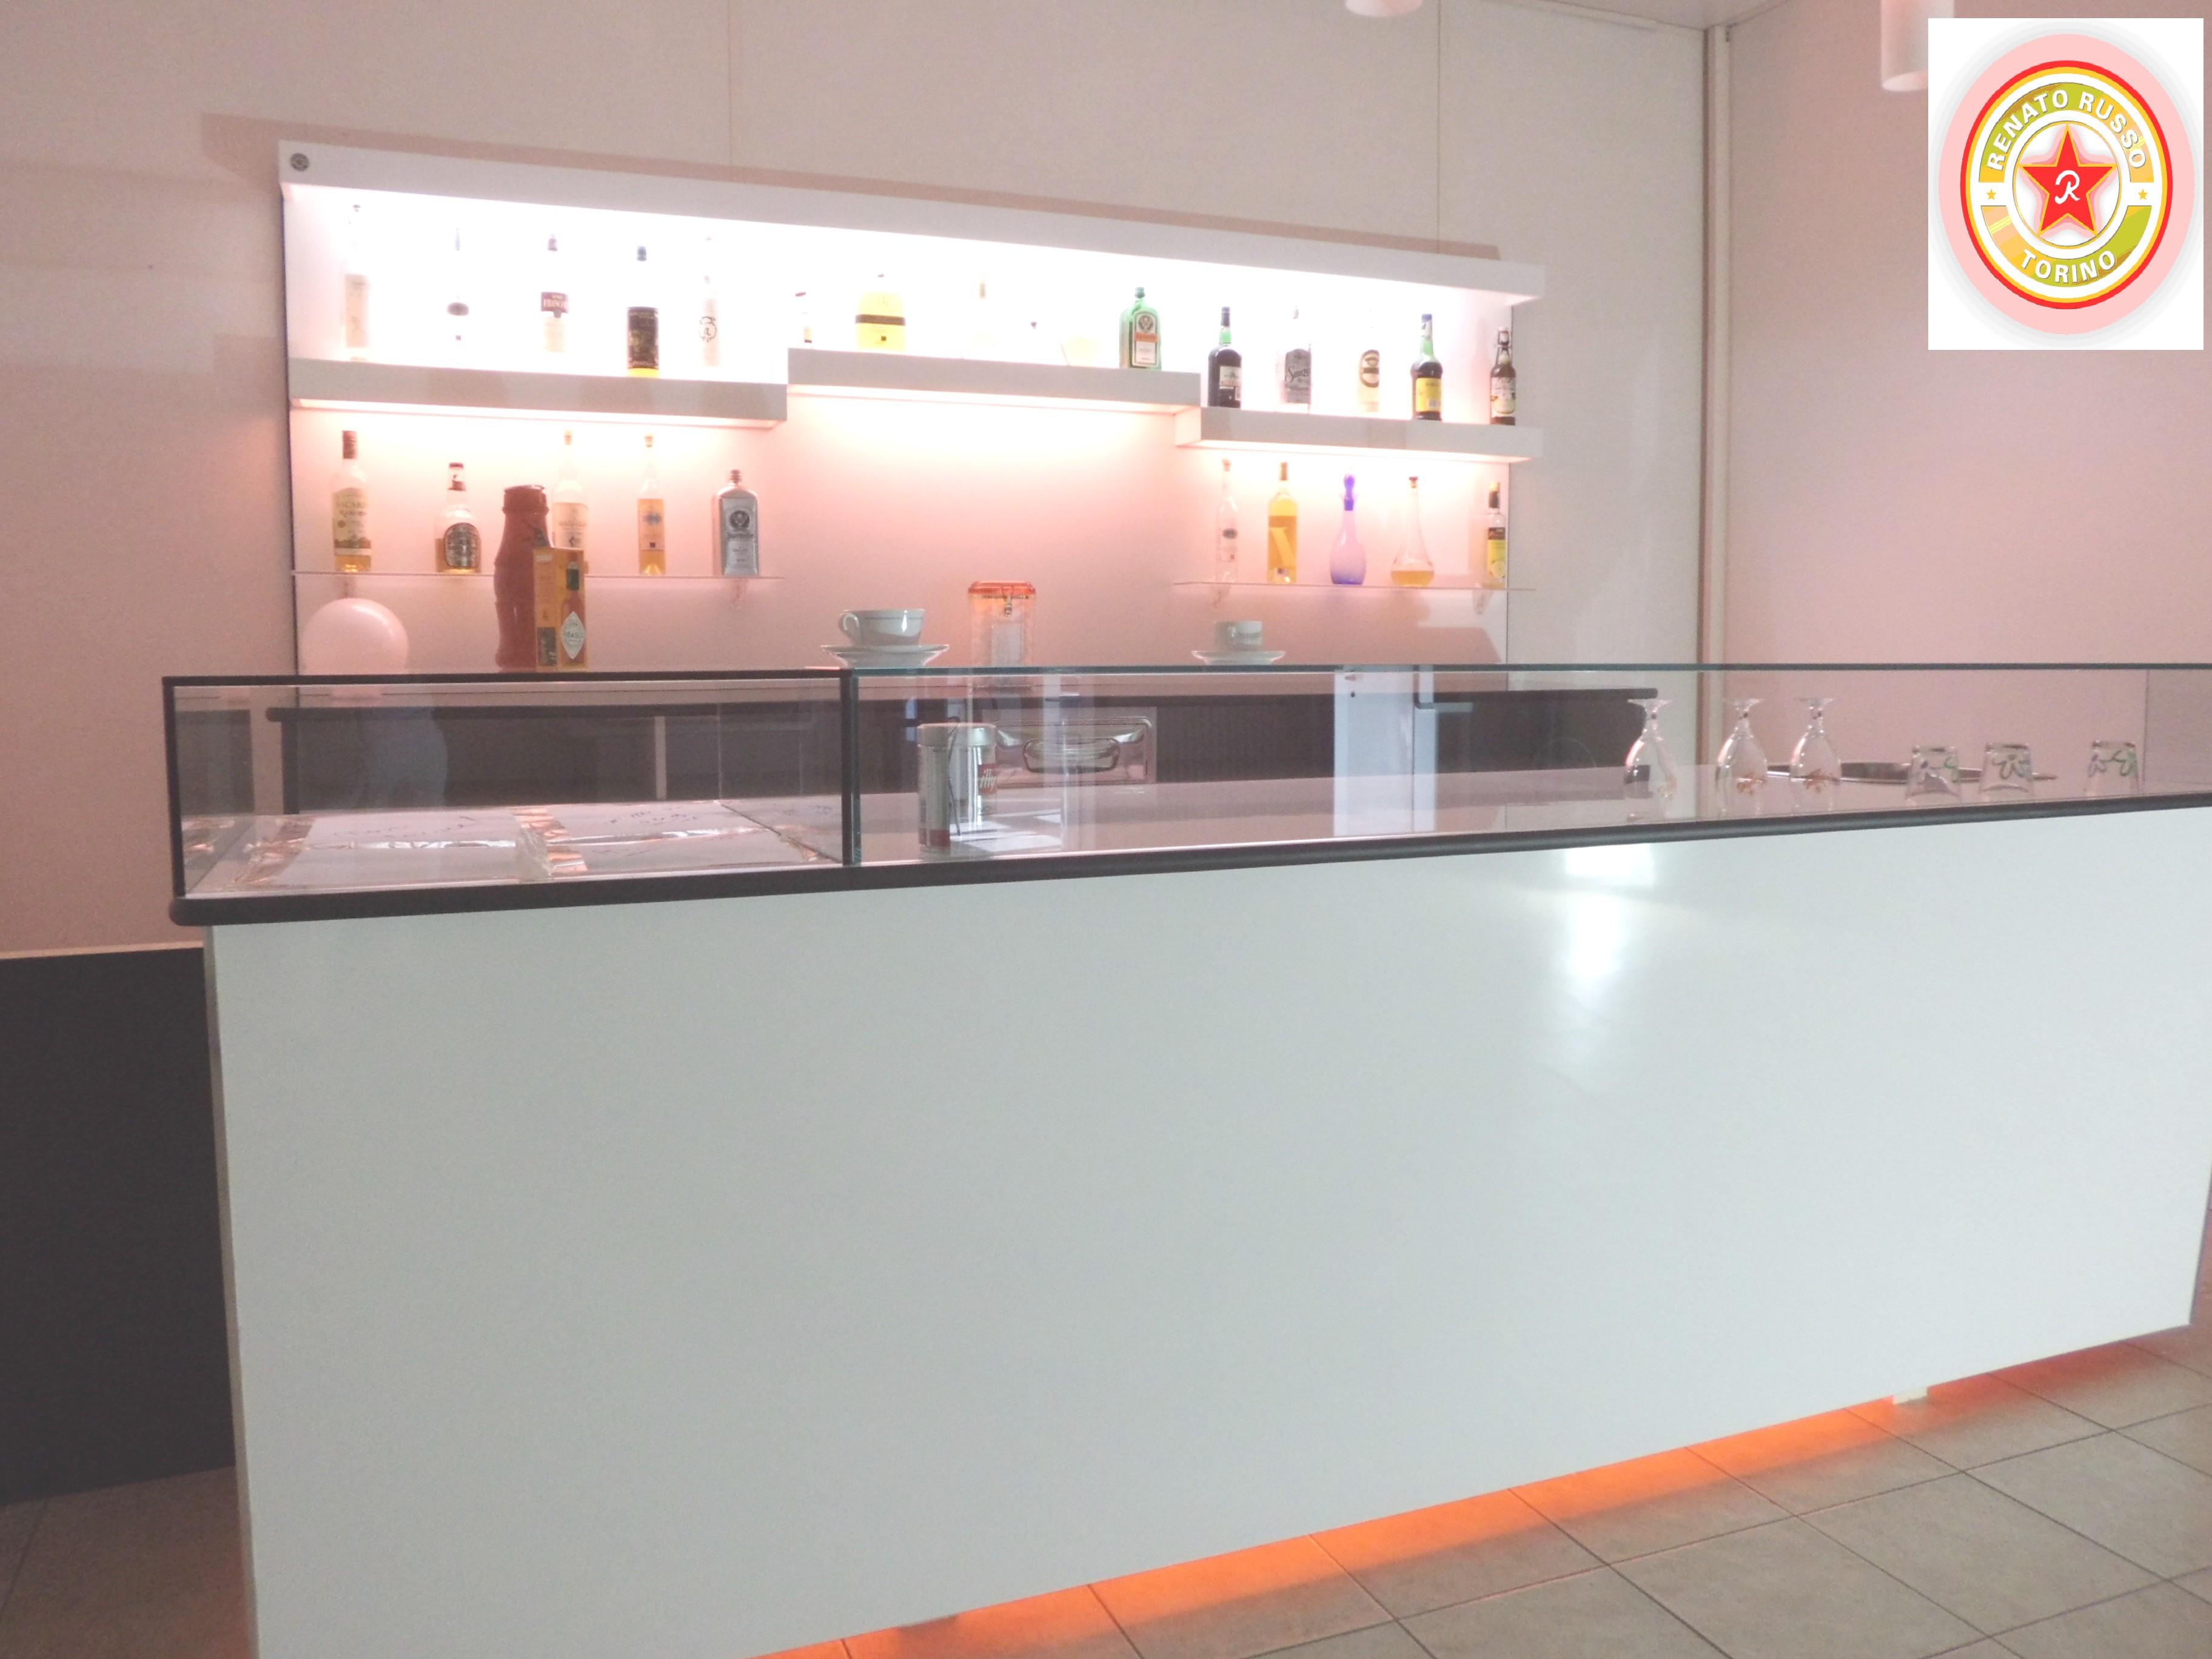 Arredamenti per bar e negozi compra in fabbrica banconi for Banchi bar e arredamenti completi